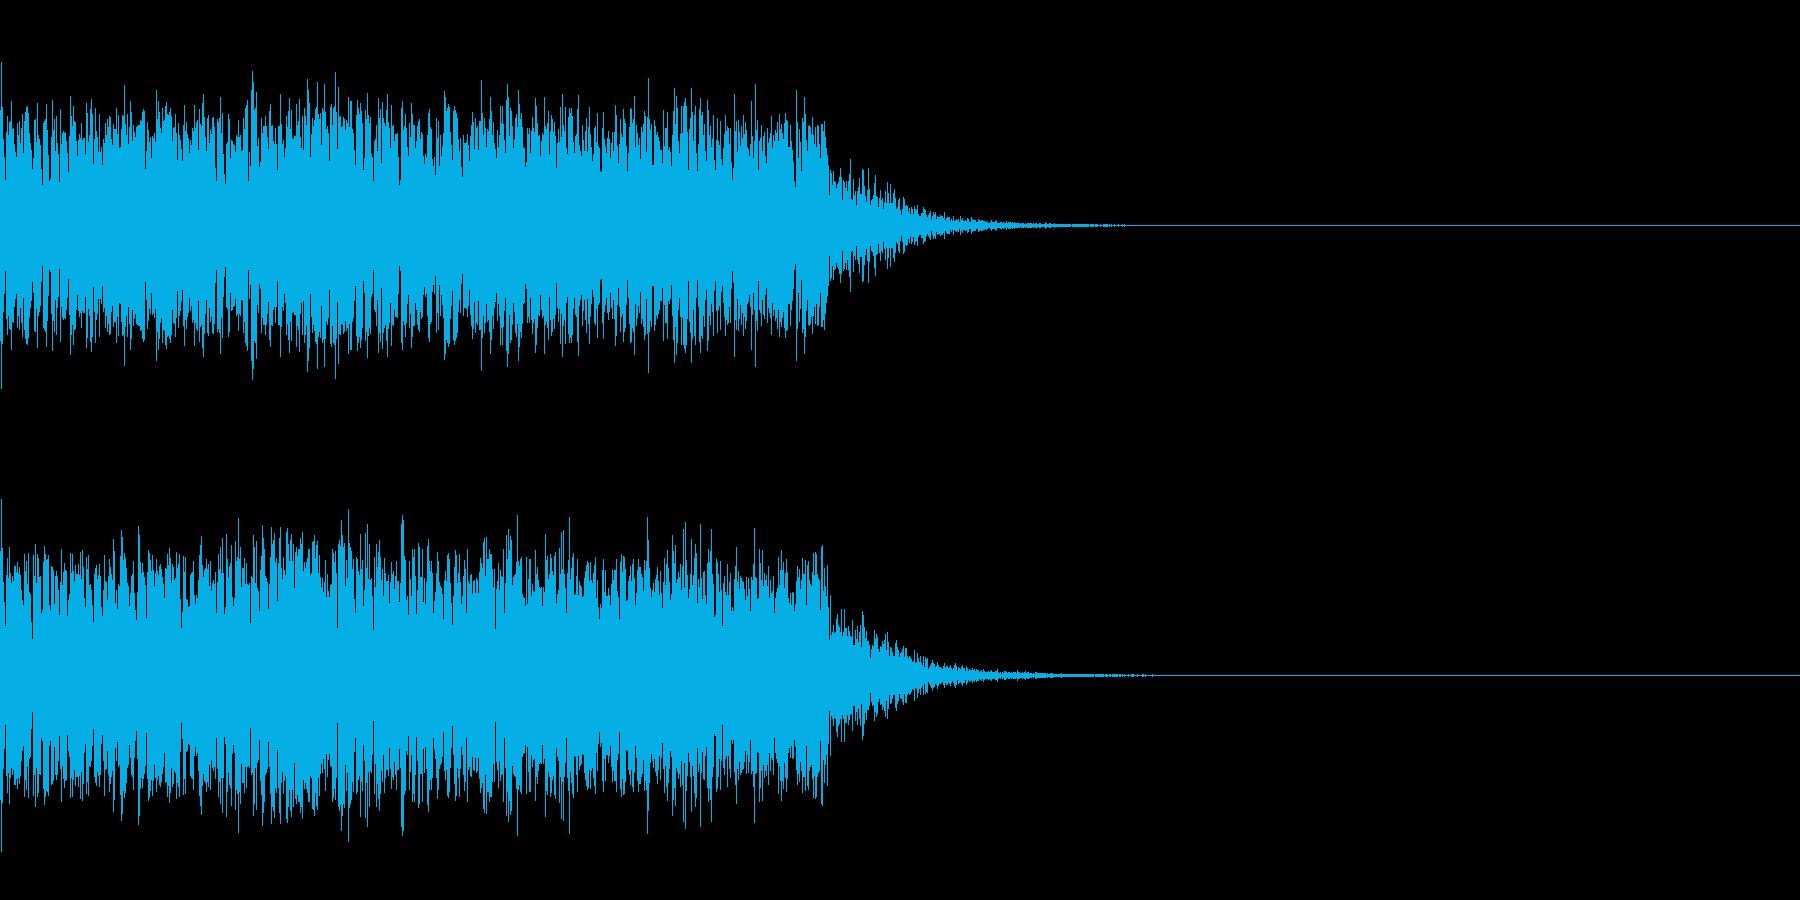 スパーク音-02の再生済みの波形